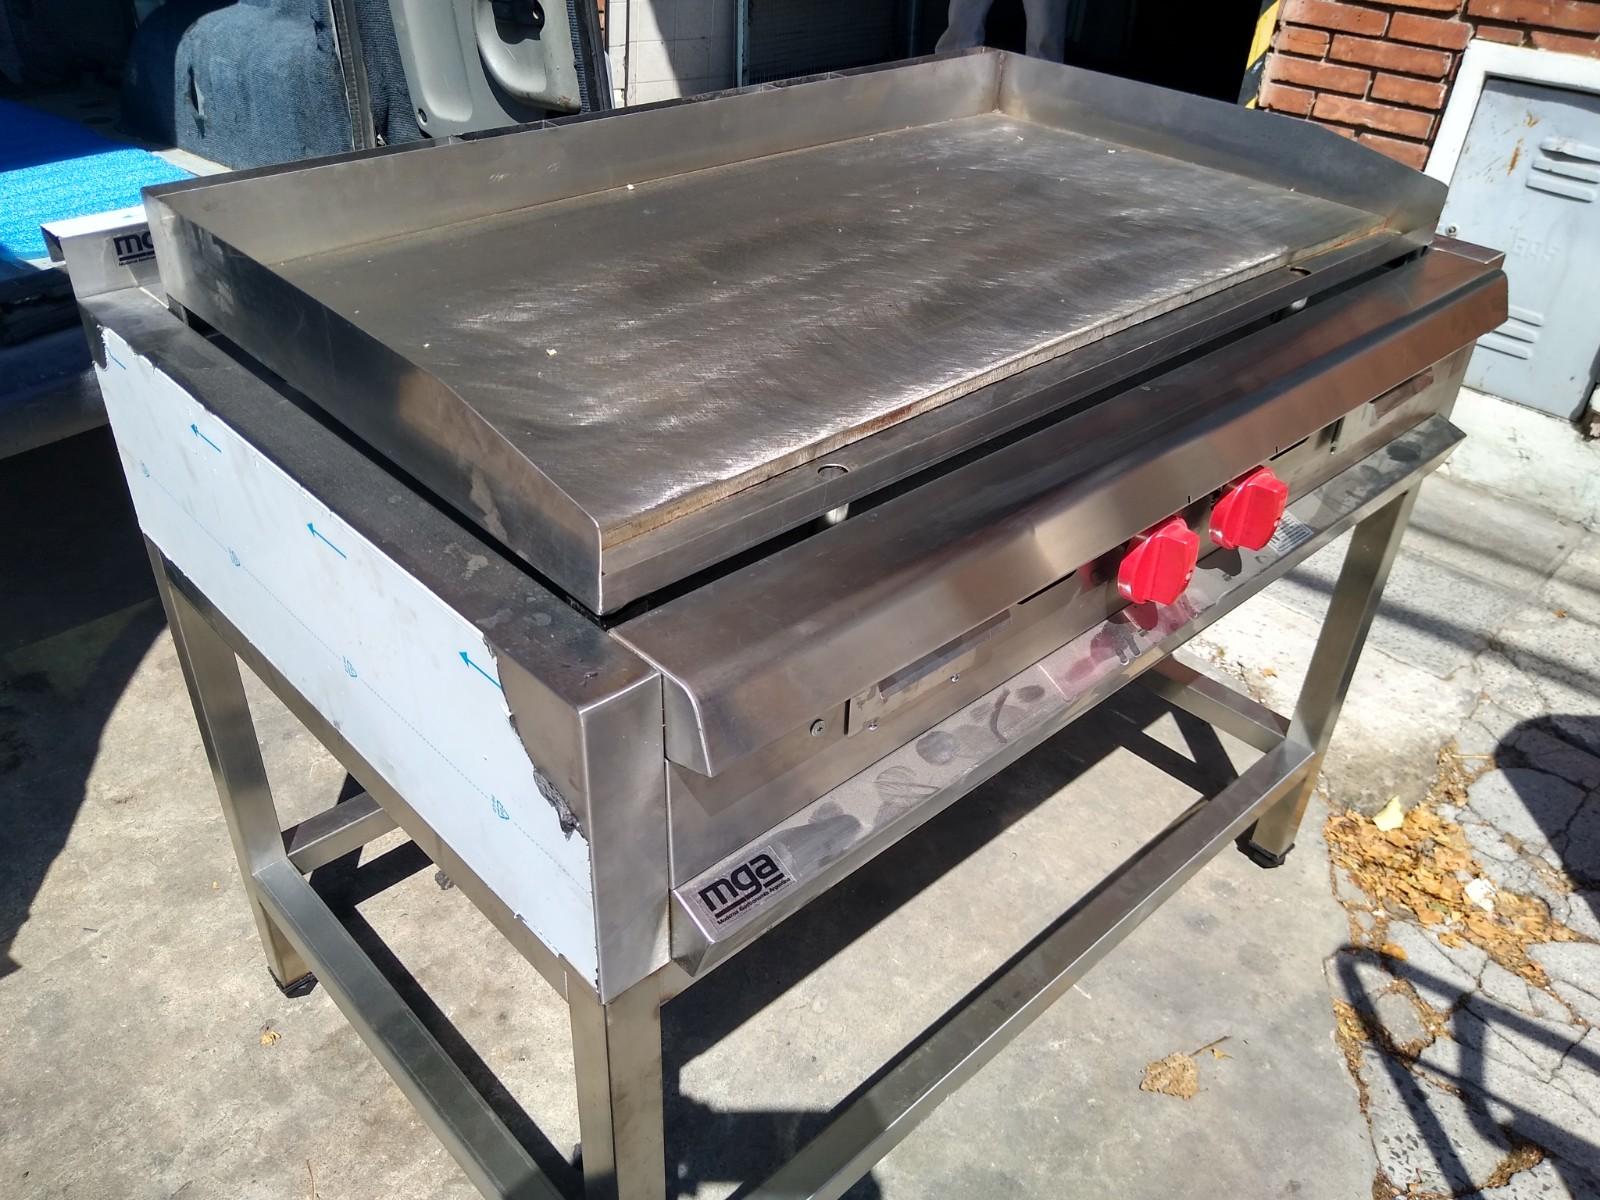 Plancha anafe cocina equipamiento gastronómico profesional